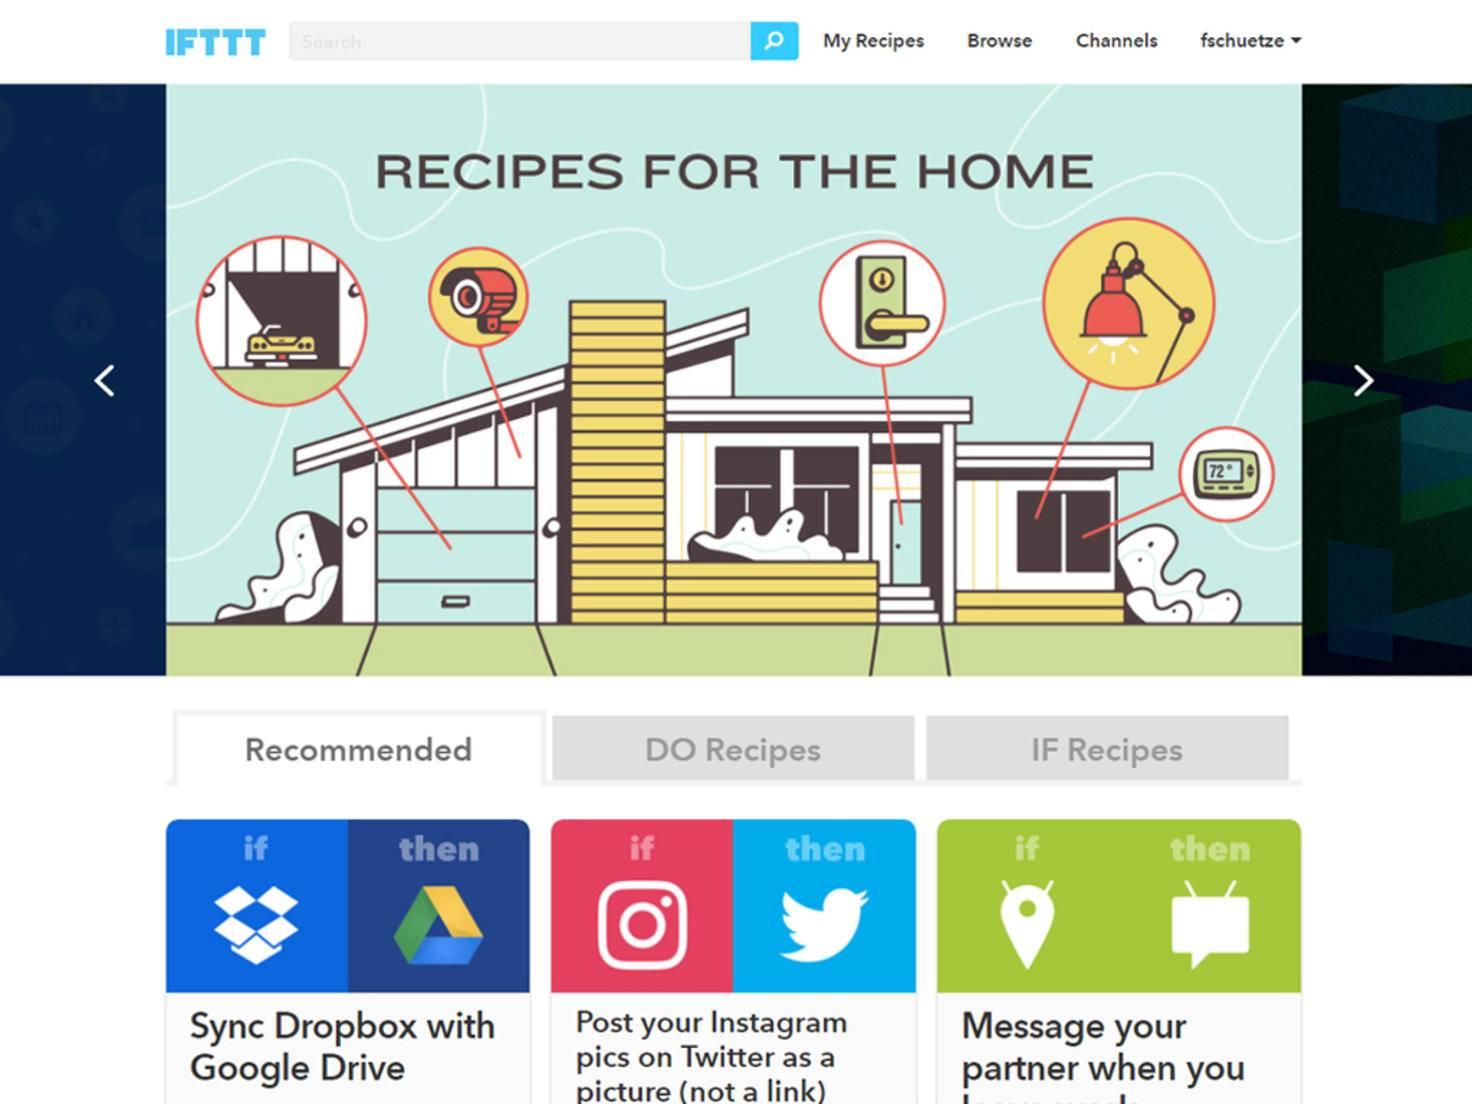 Account anlegen und Rezepte erstellen geht mit IFTTT ganz einfach.